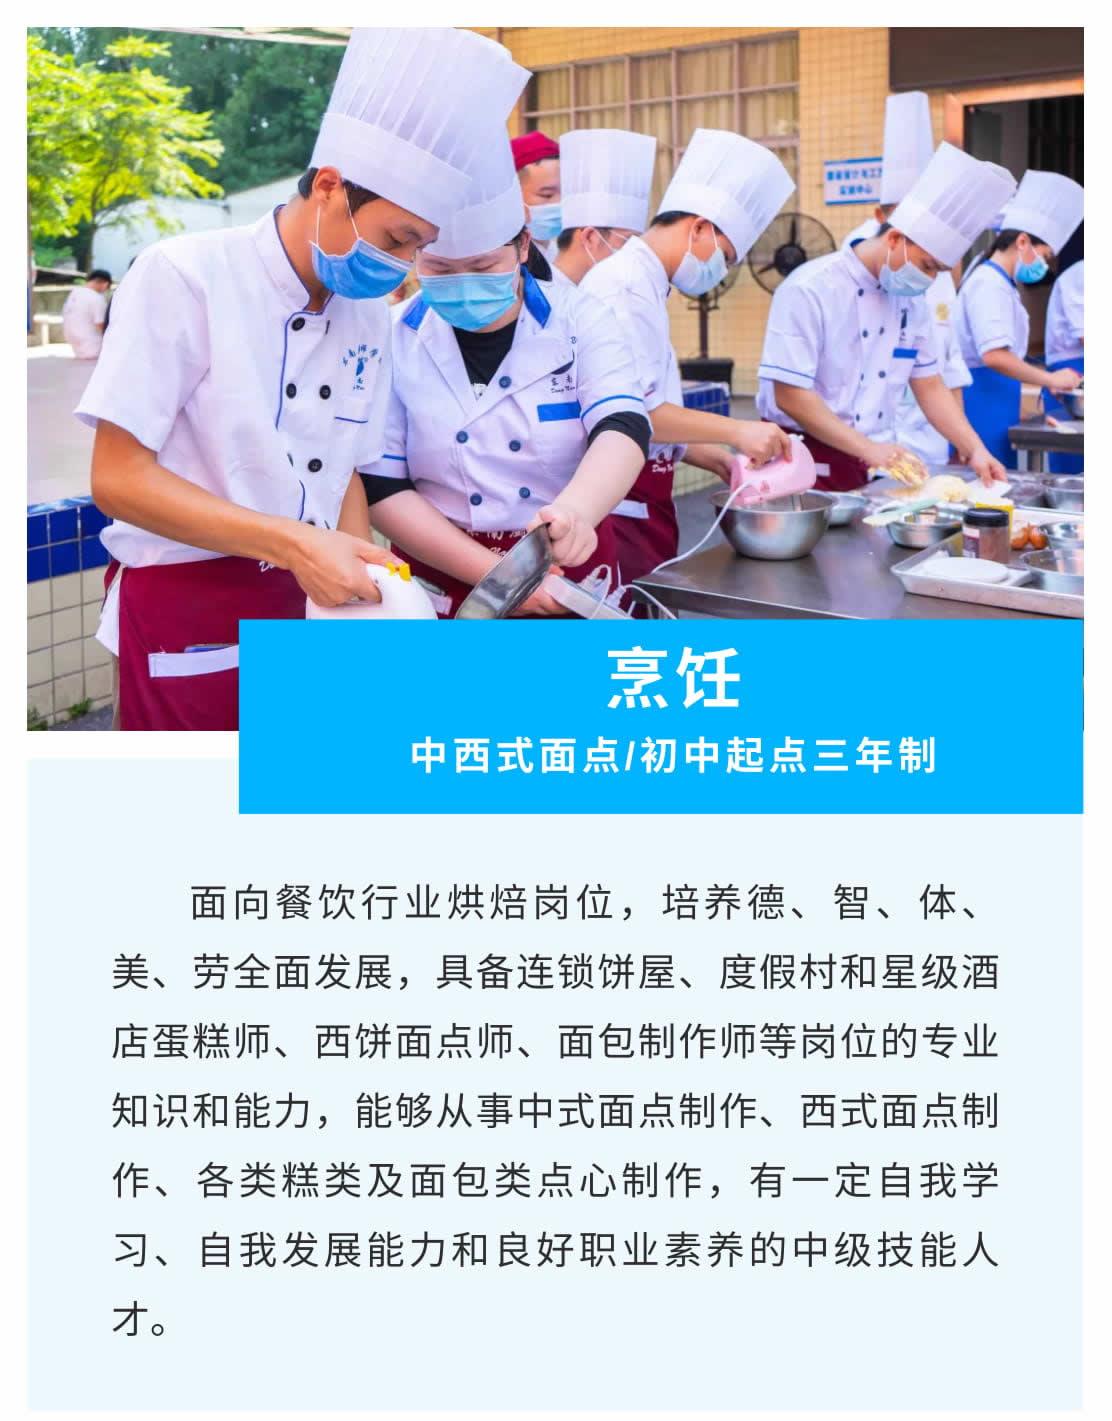 烹饪(中西式面点_初中起点三年制)-1_r1_c1.jpg